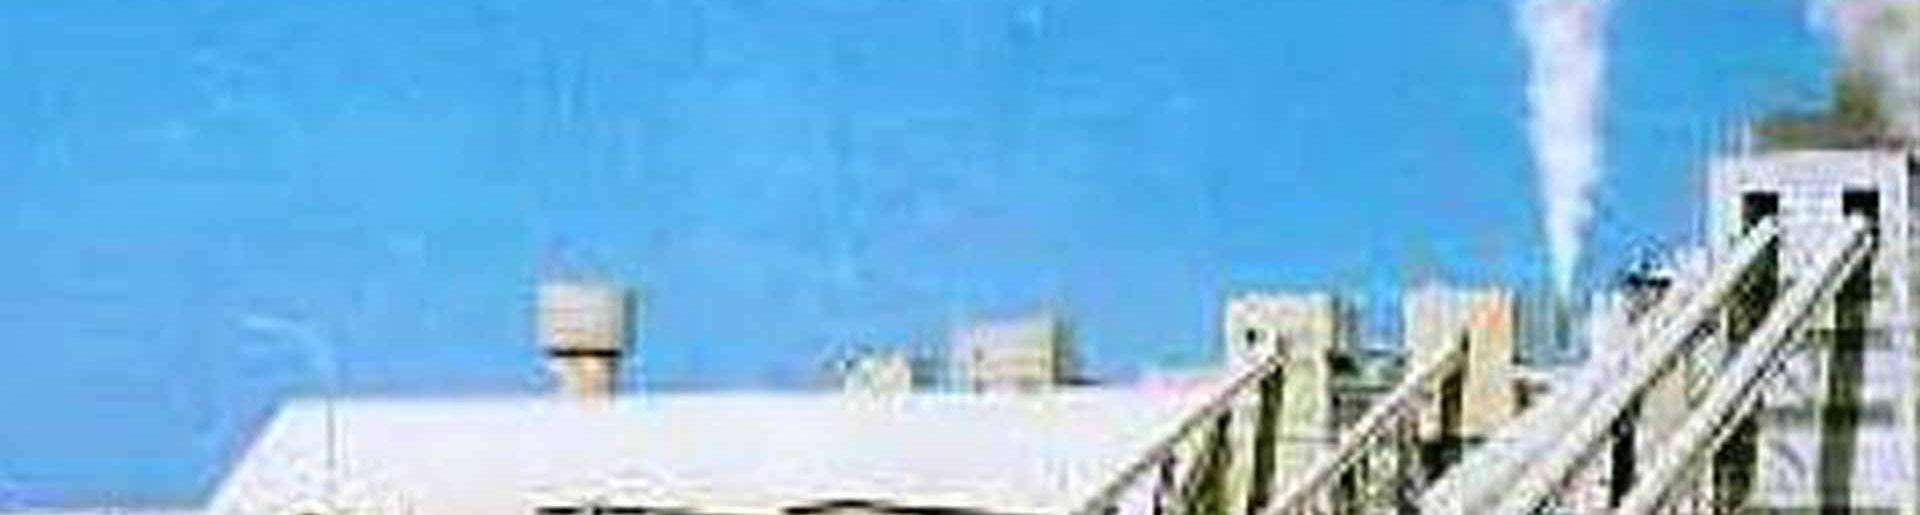 Benghazi Cement Plant